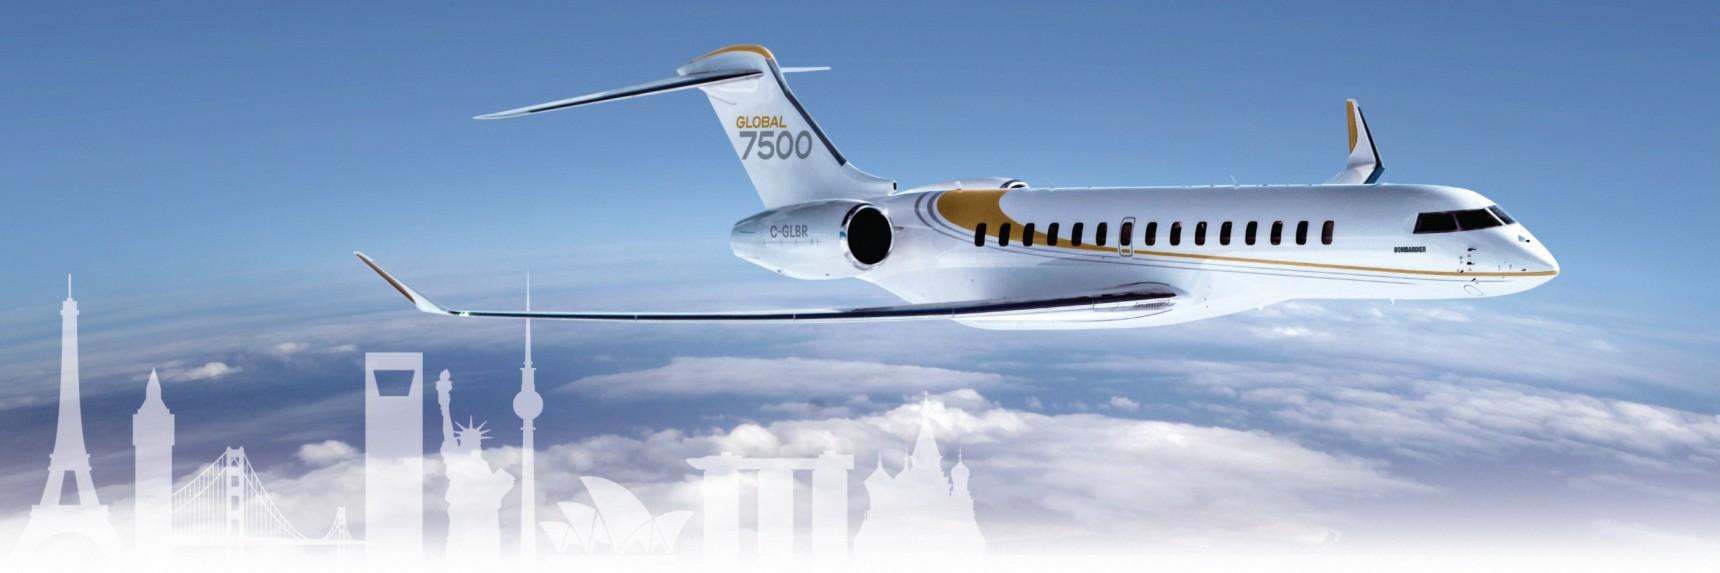 Global 7500 world tour